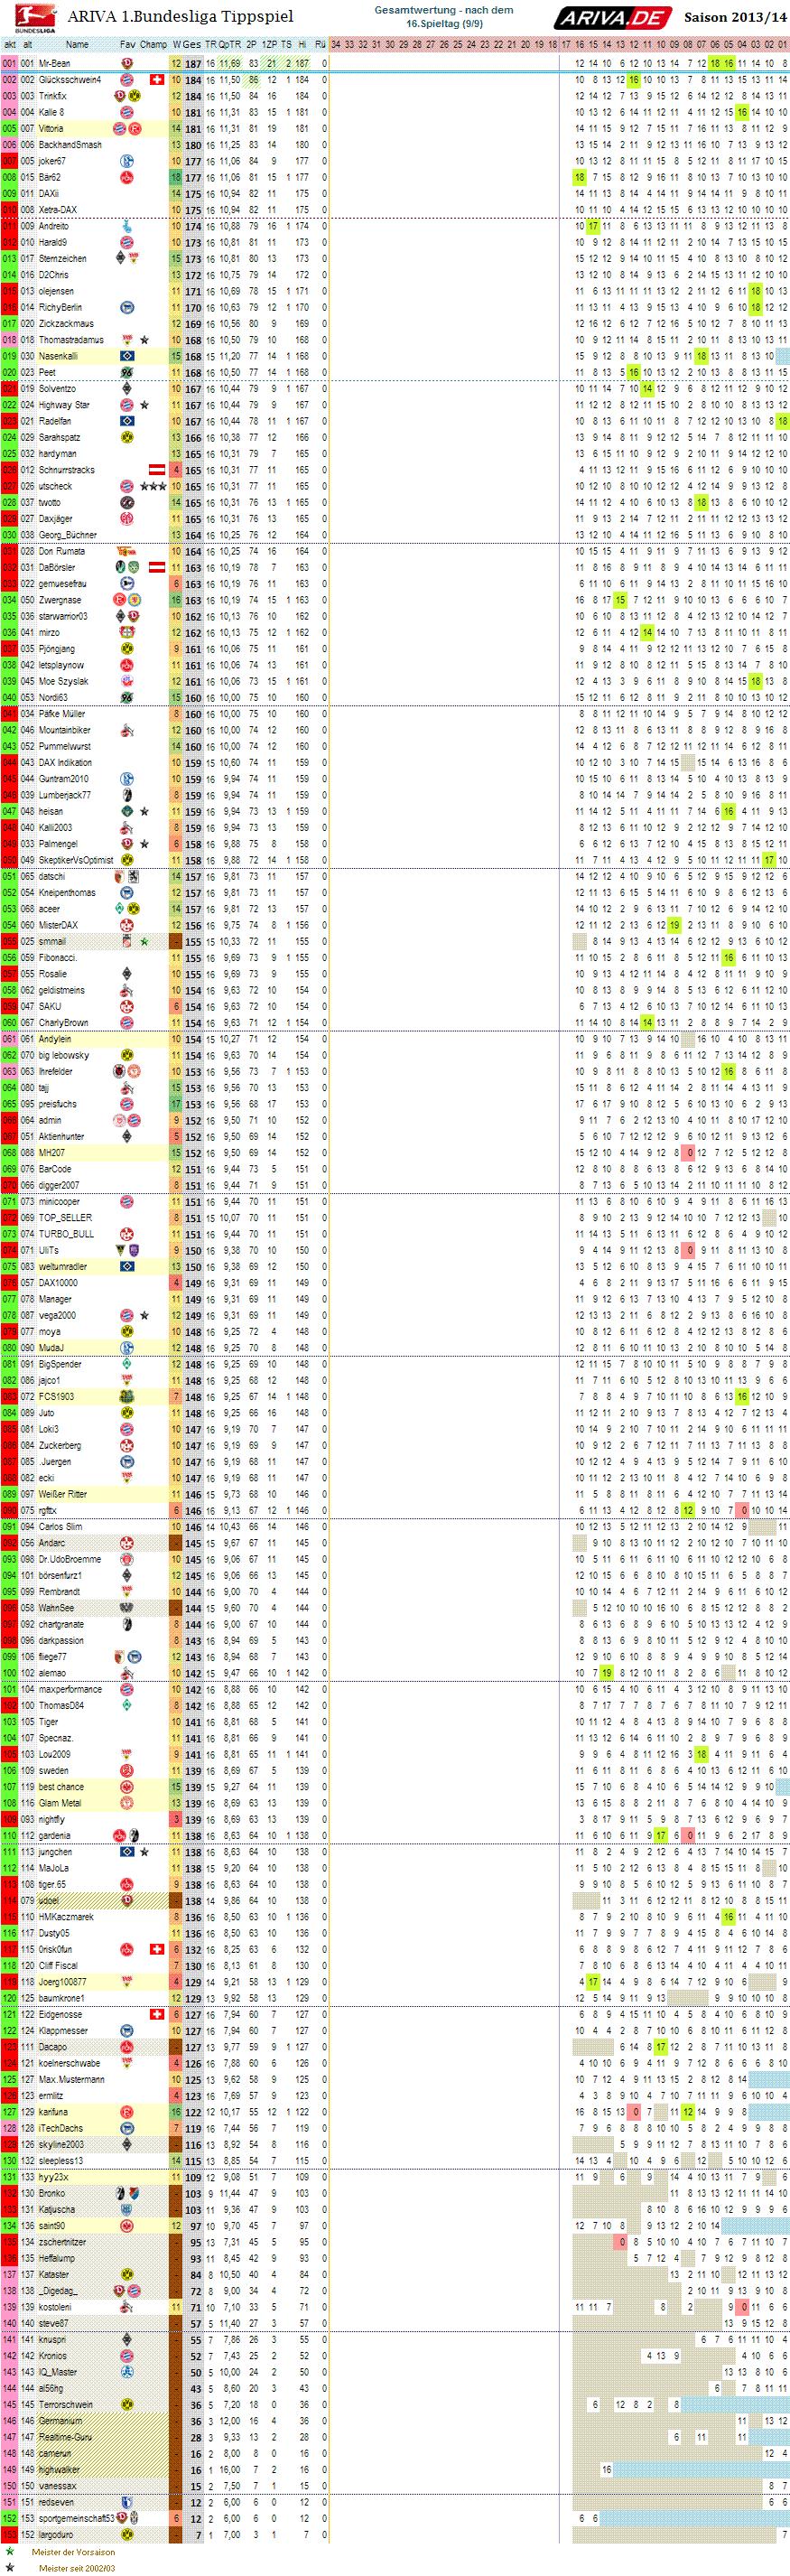 1bl_gesamtwertung_16.png